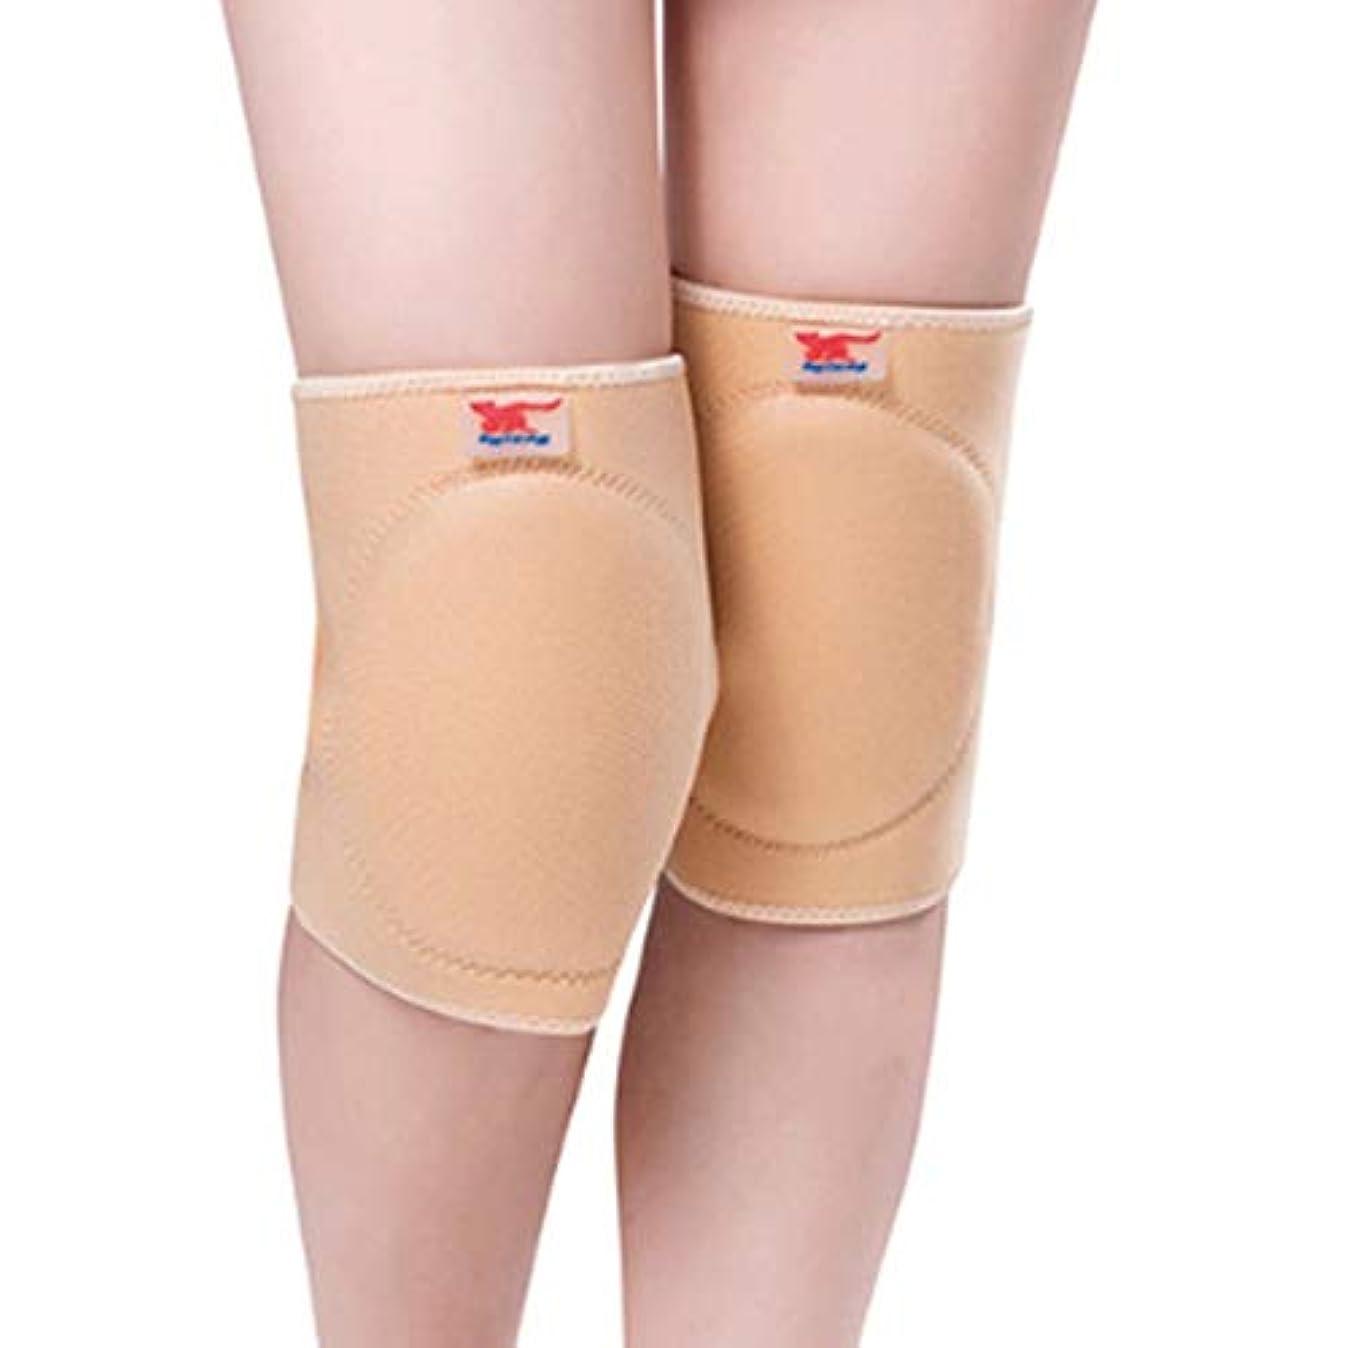 爪無視できる波反膝パッドウール防止関節炎保温暖かい膝サポート通気性肥厚膝パッド安全膝ブレース